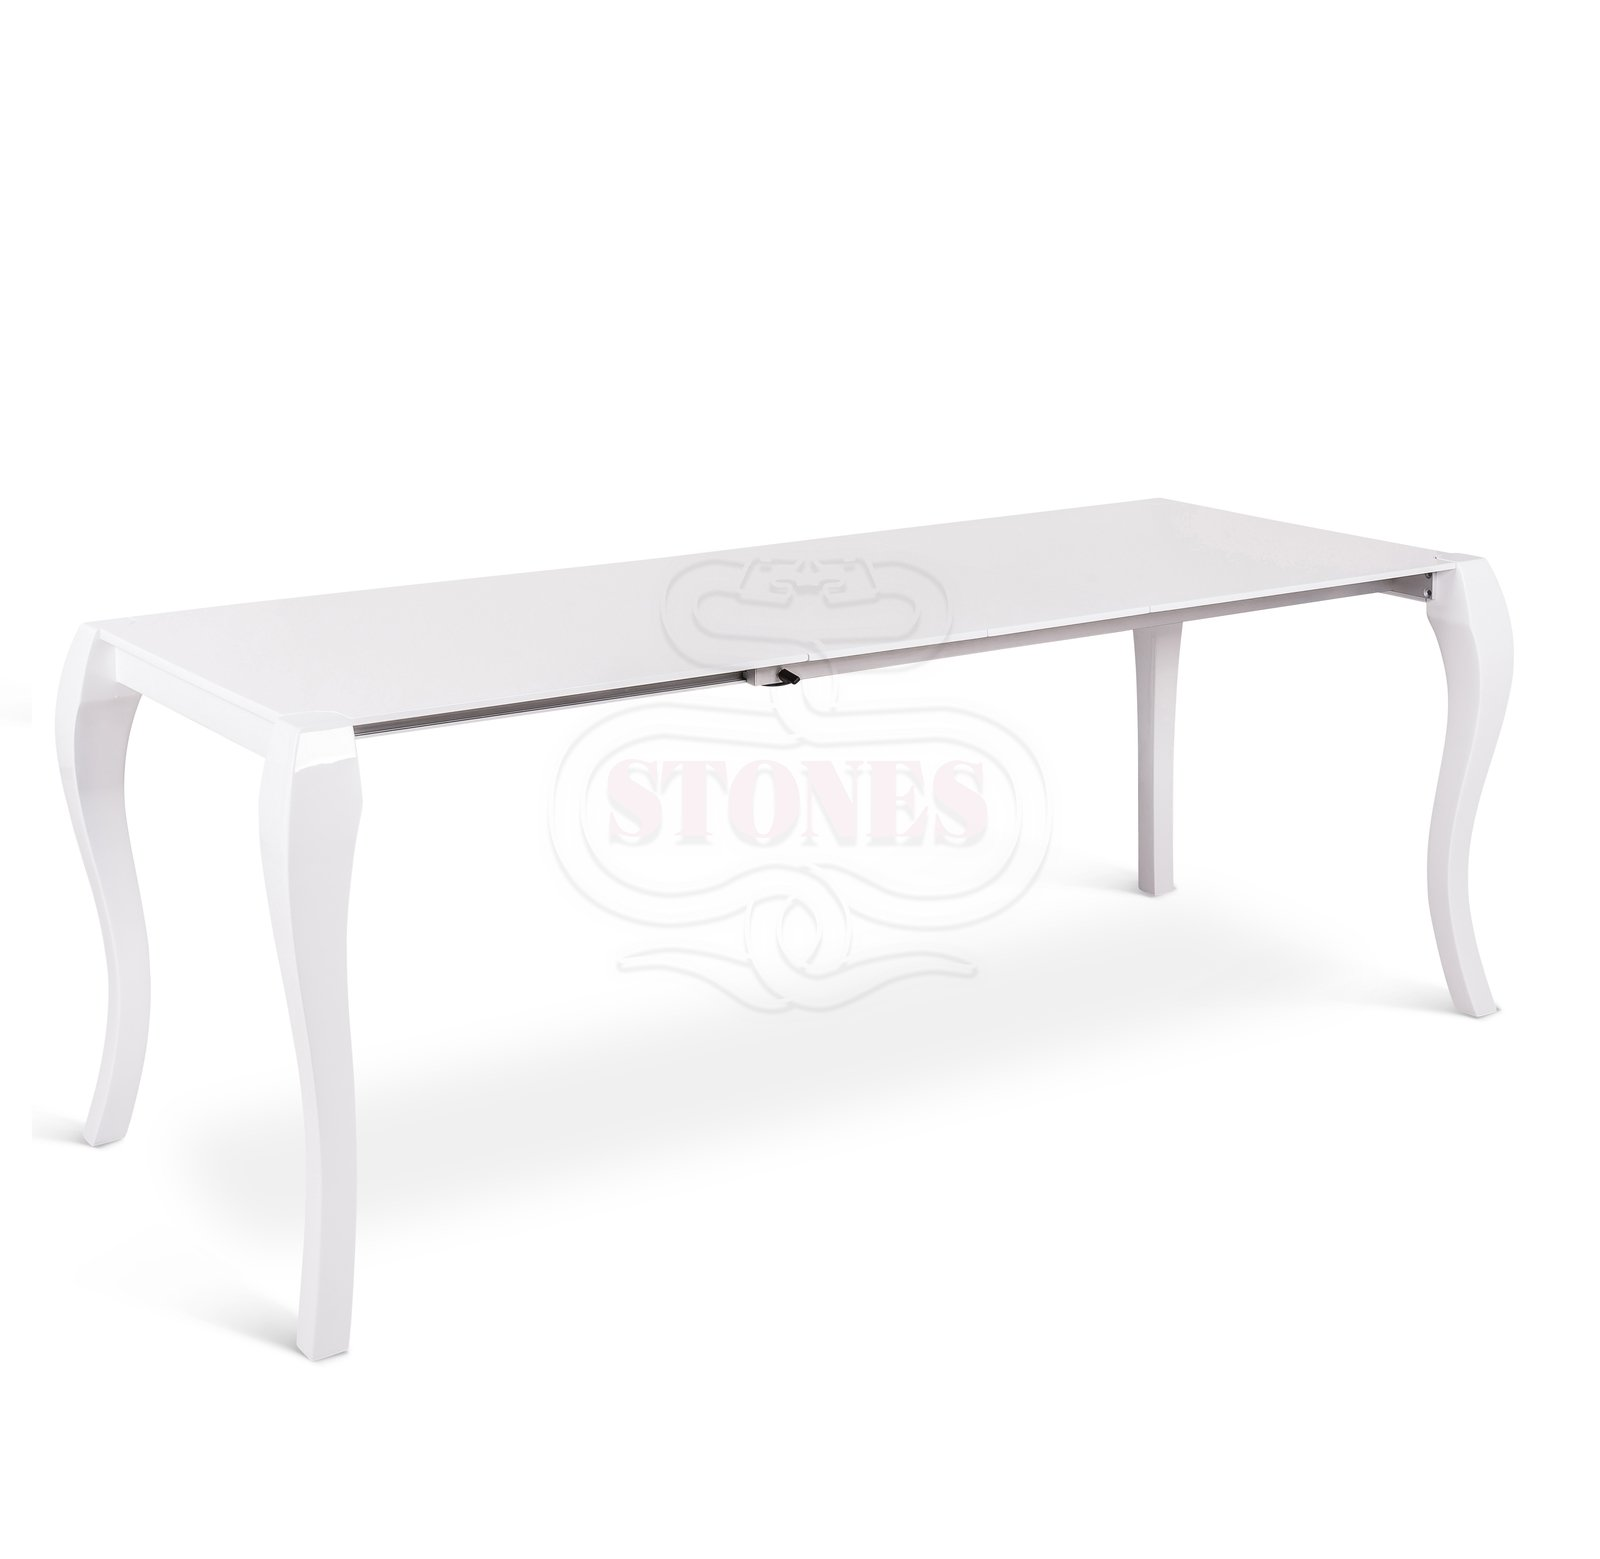 Tavolo Laccato Bianco Allungabile.Tavolo Impero Laccato Bianco Allungabile Fino A 288 Cm